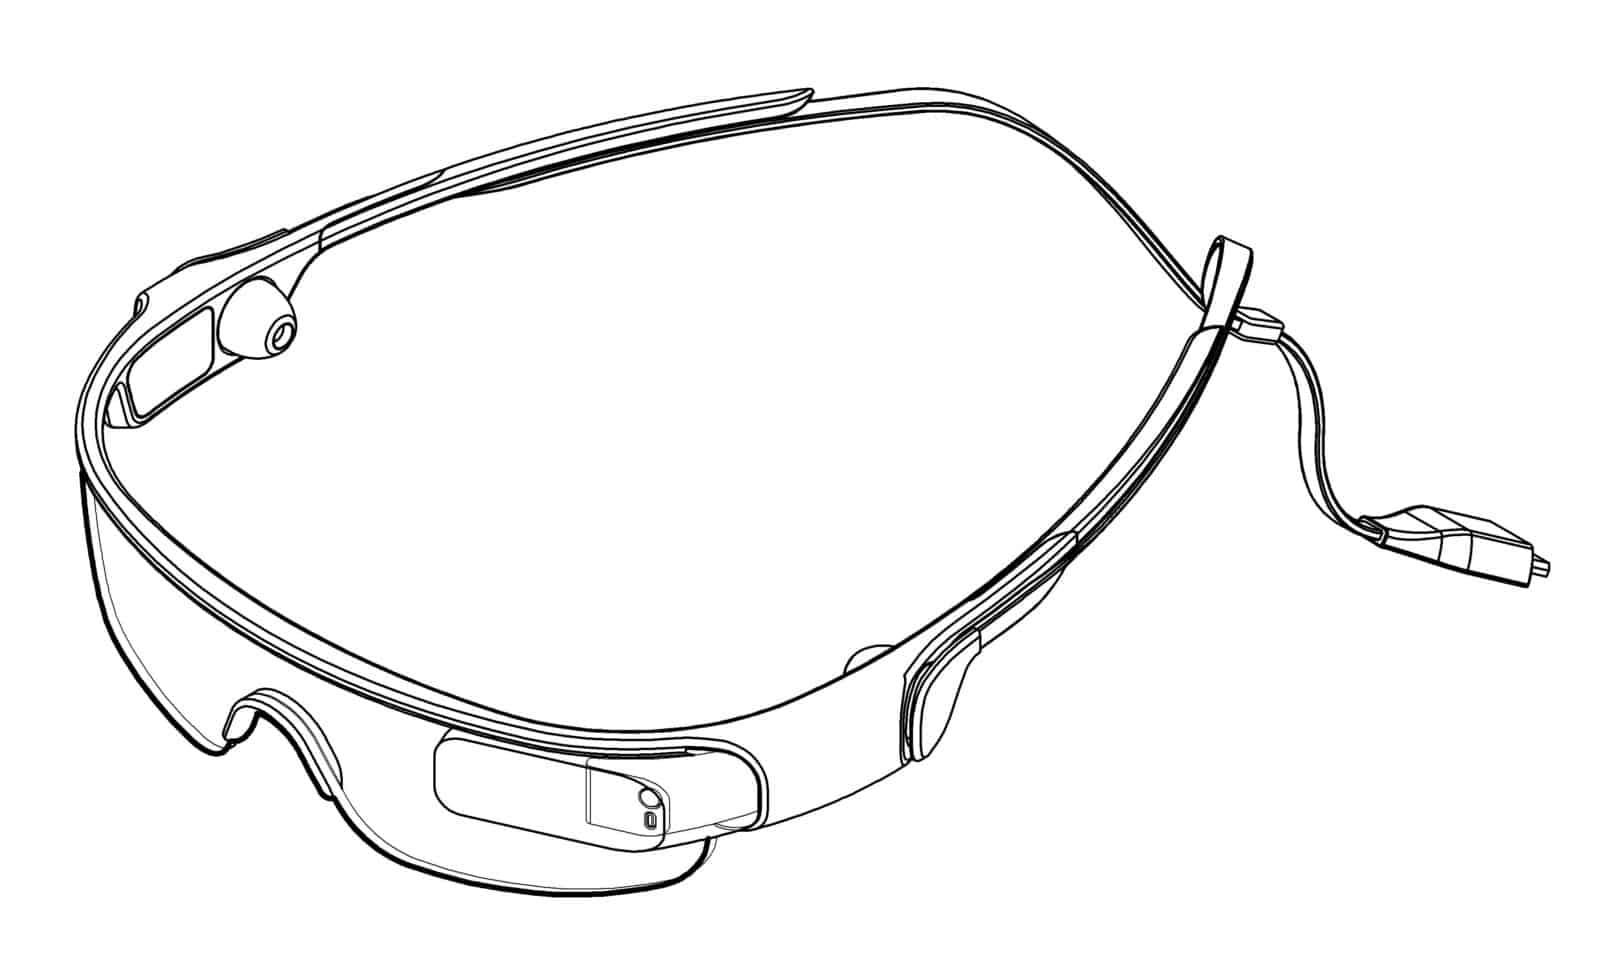 Samsung_blink_sketch